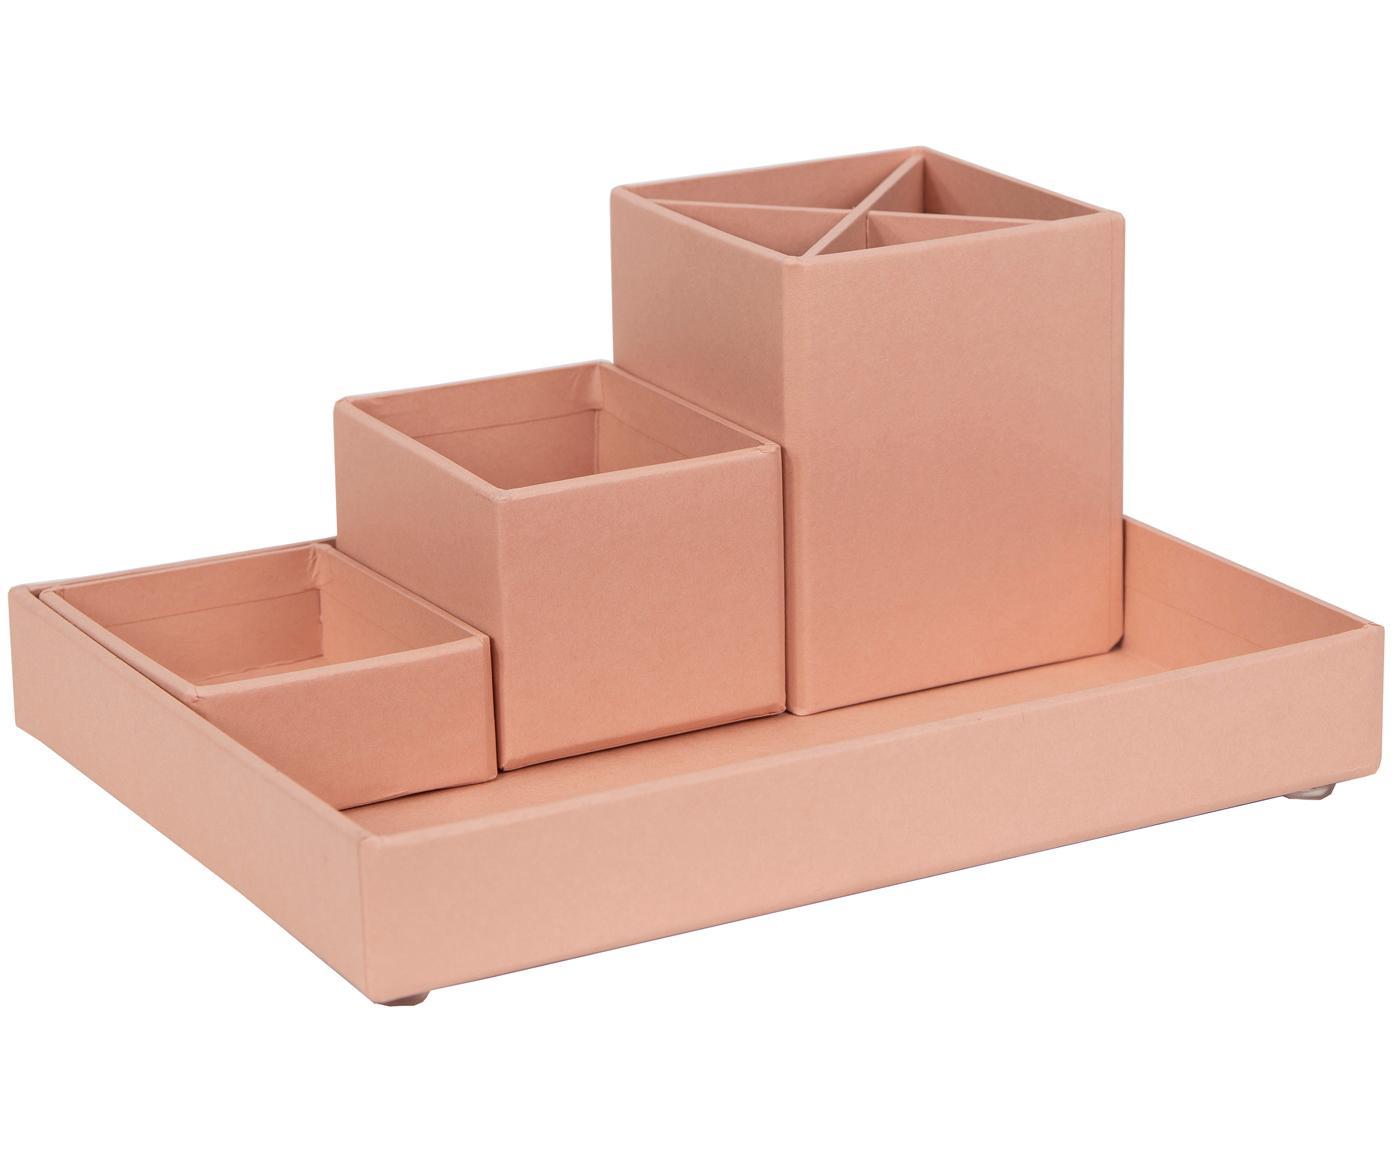 Komplet organizerów biurowych, 4 elem., Tektura laminowana, Brudny różowy, Różne rozmiary